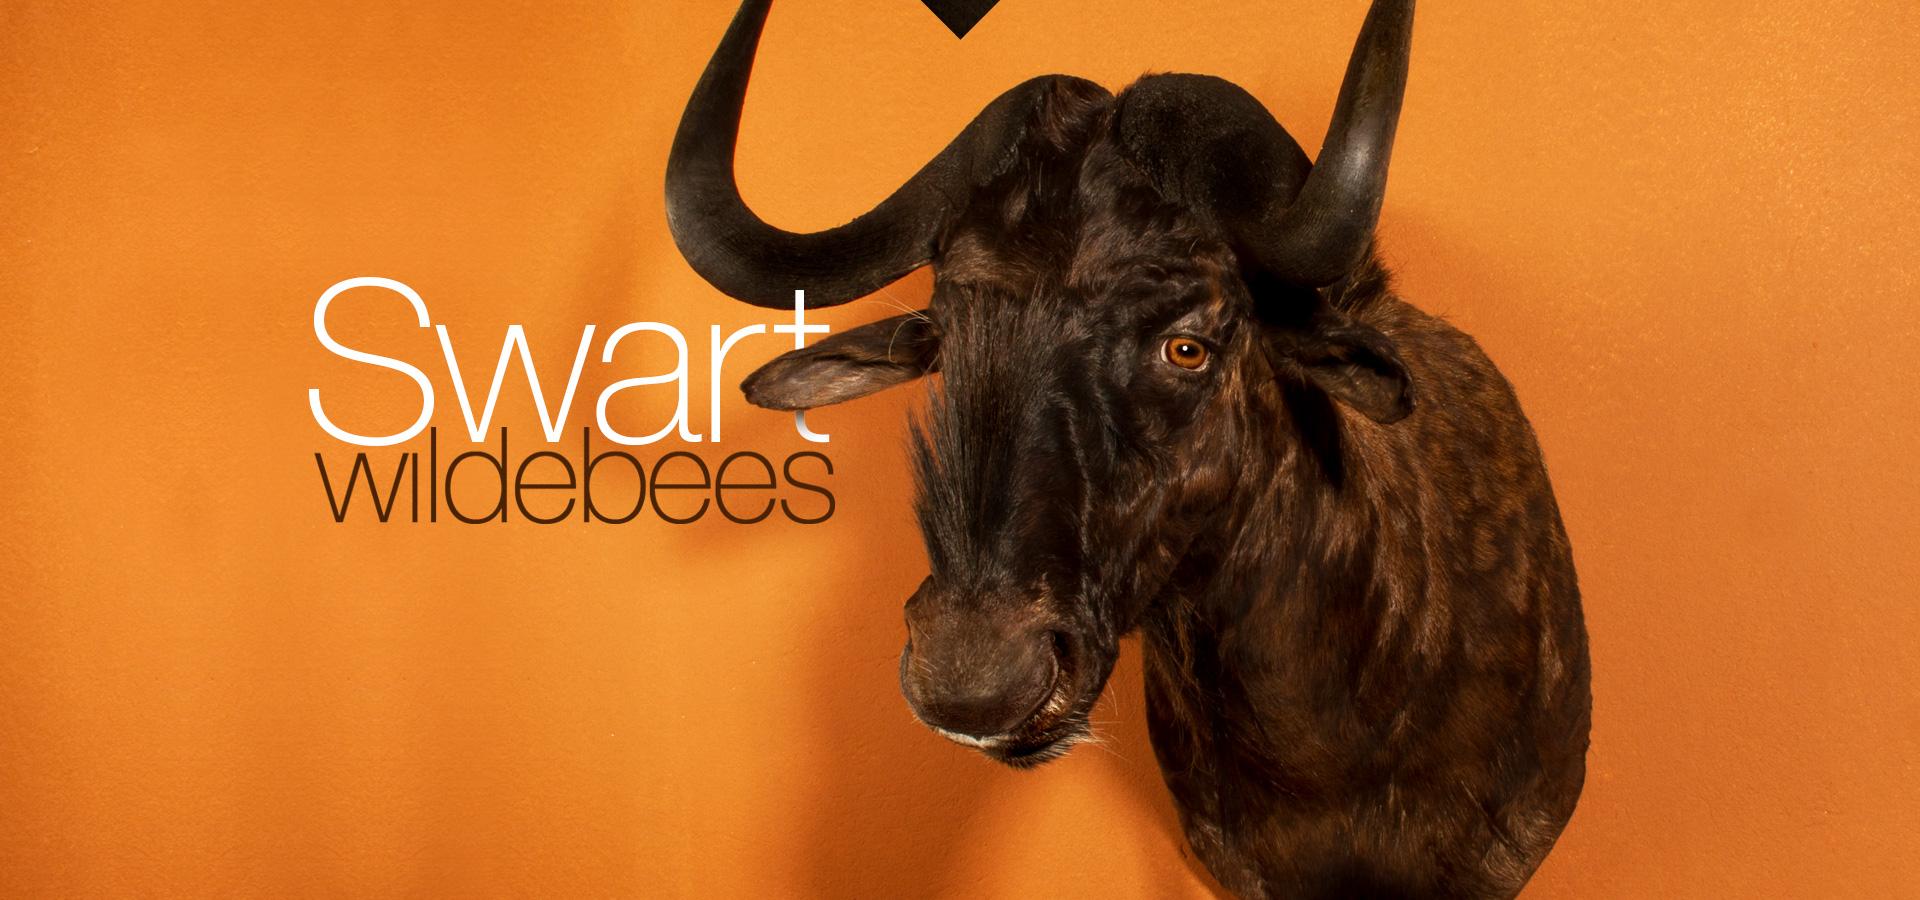 Swart wildebees - Black Wildebeest